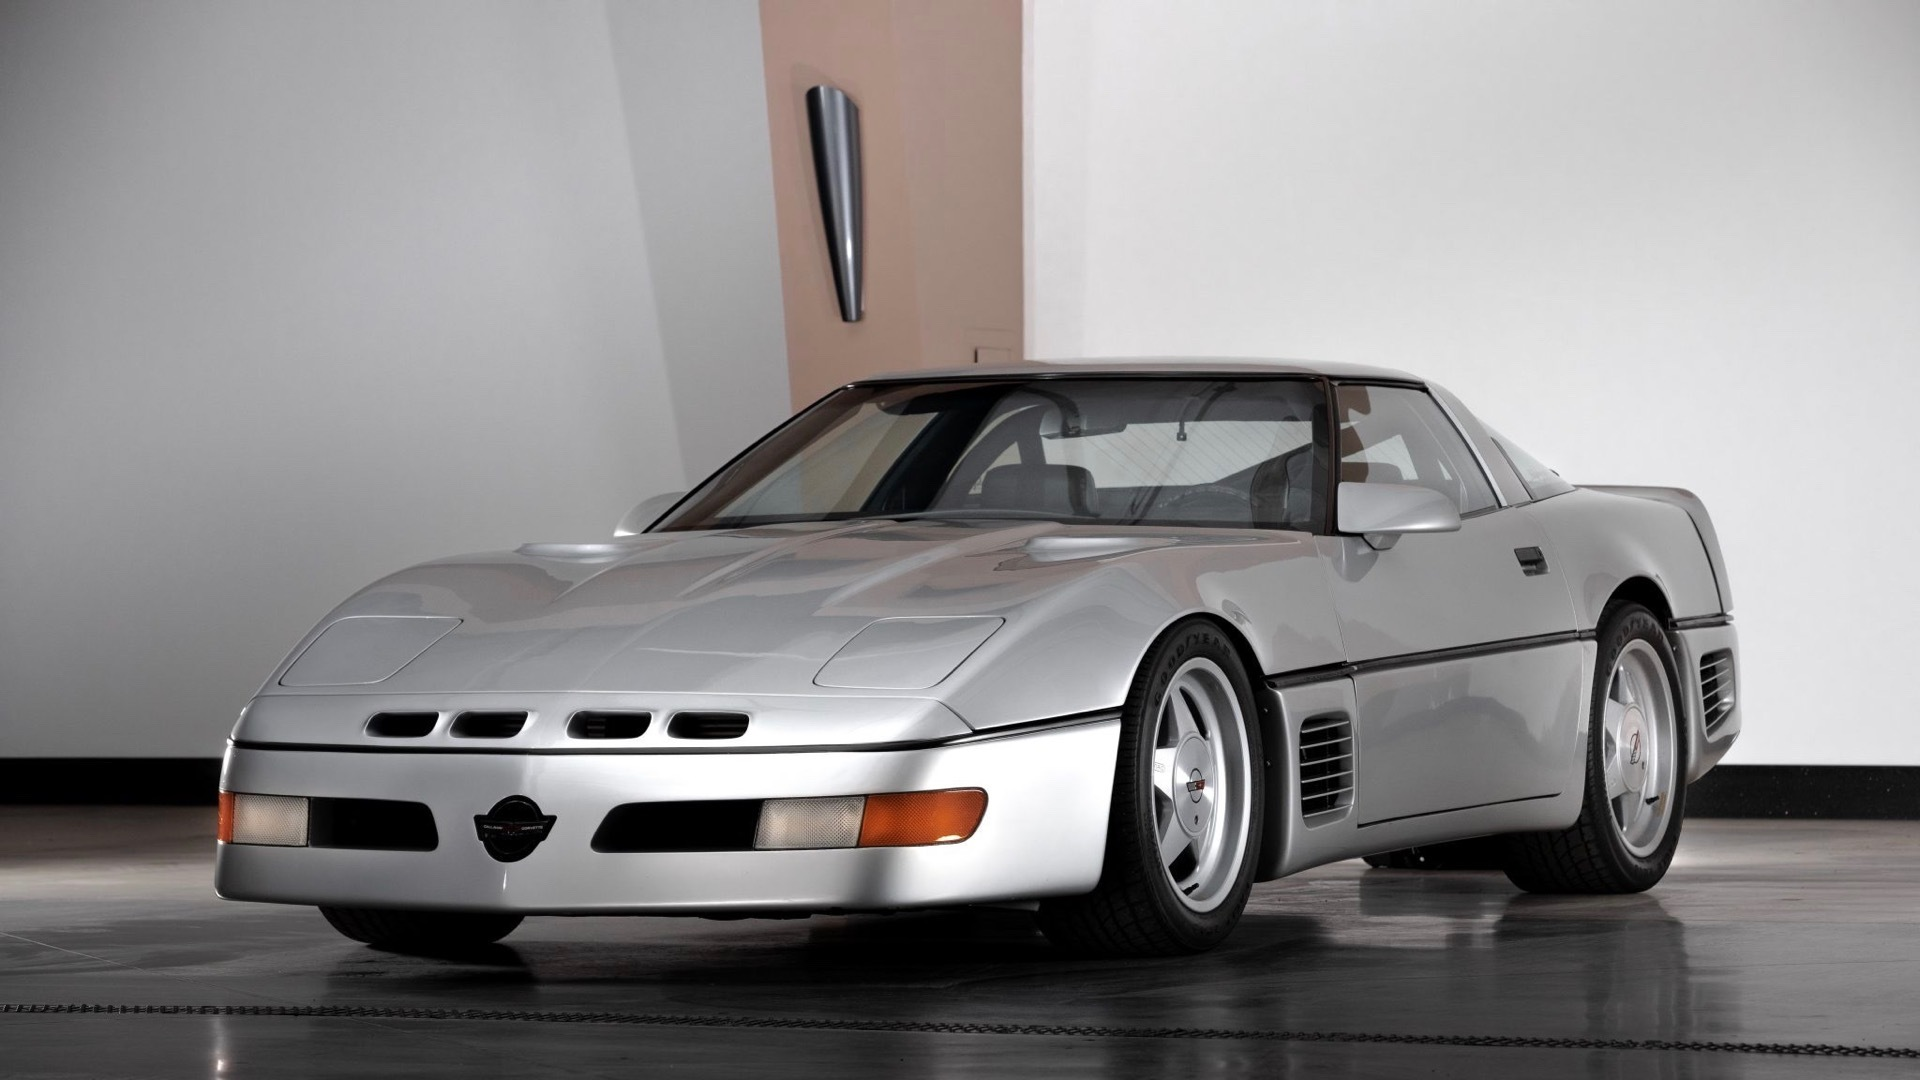 На онлайн-аукционе продаётся рекордный Chevrolet Corvette Callaway SledgeHammer: в 1988 году он стал самой быстрой дорожной машиной, а его скорость никто не мог превзойти 11 лет.